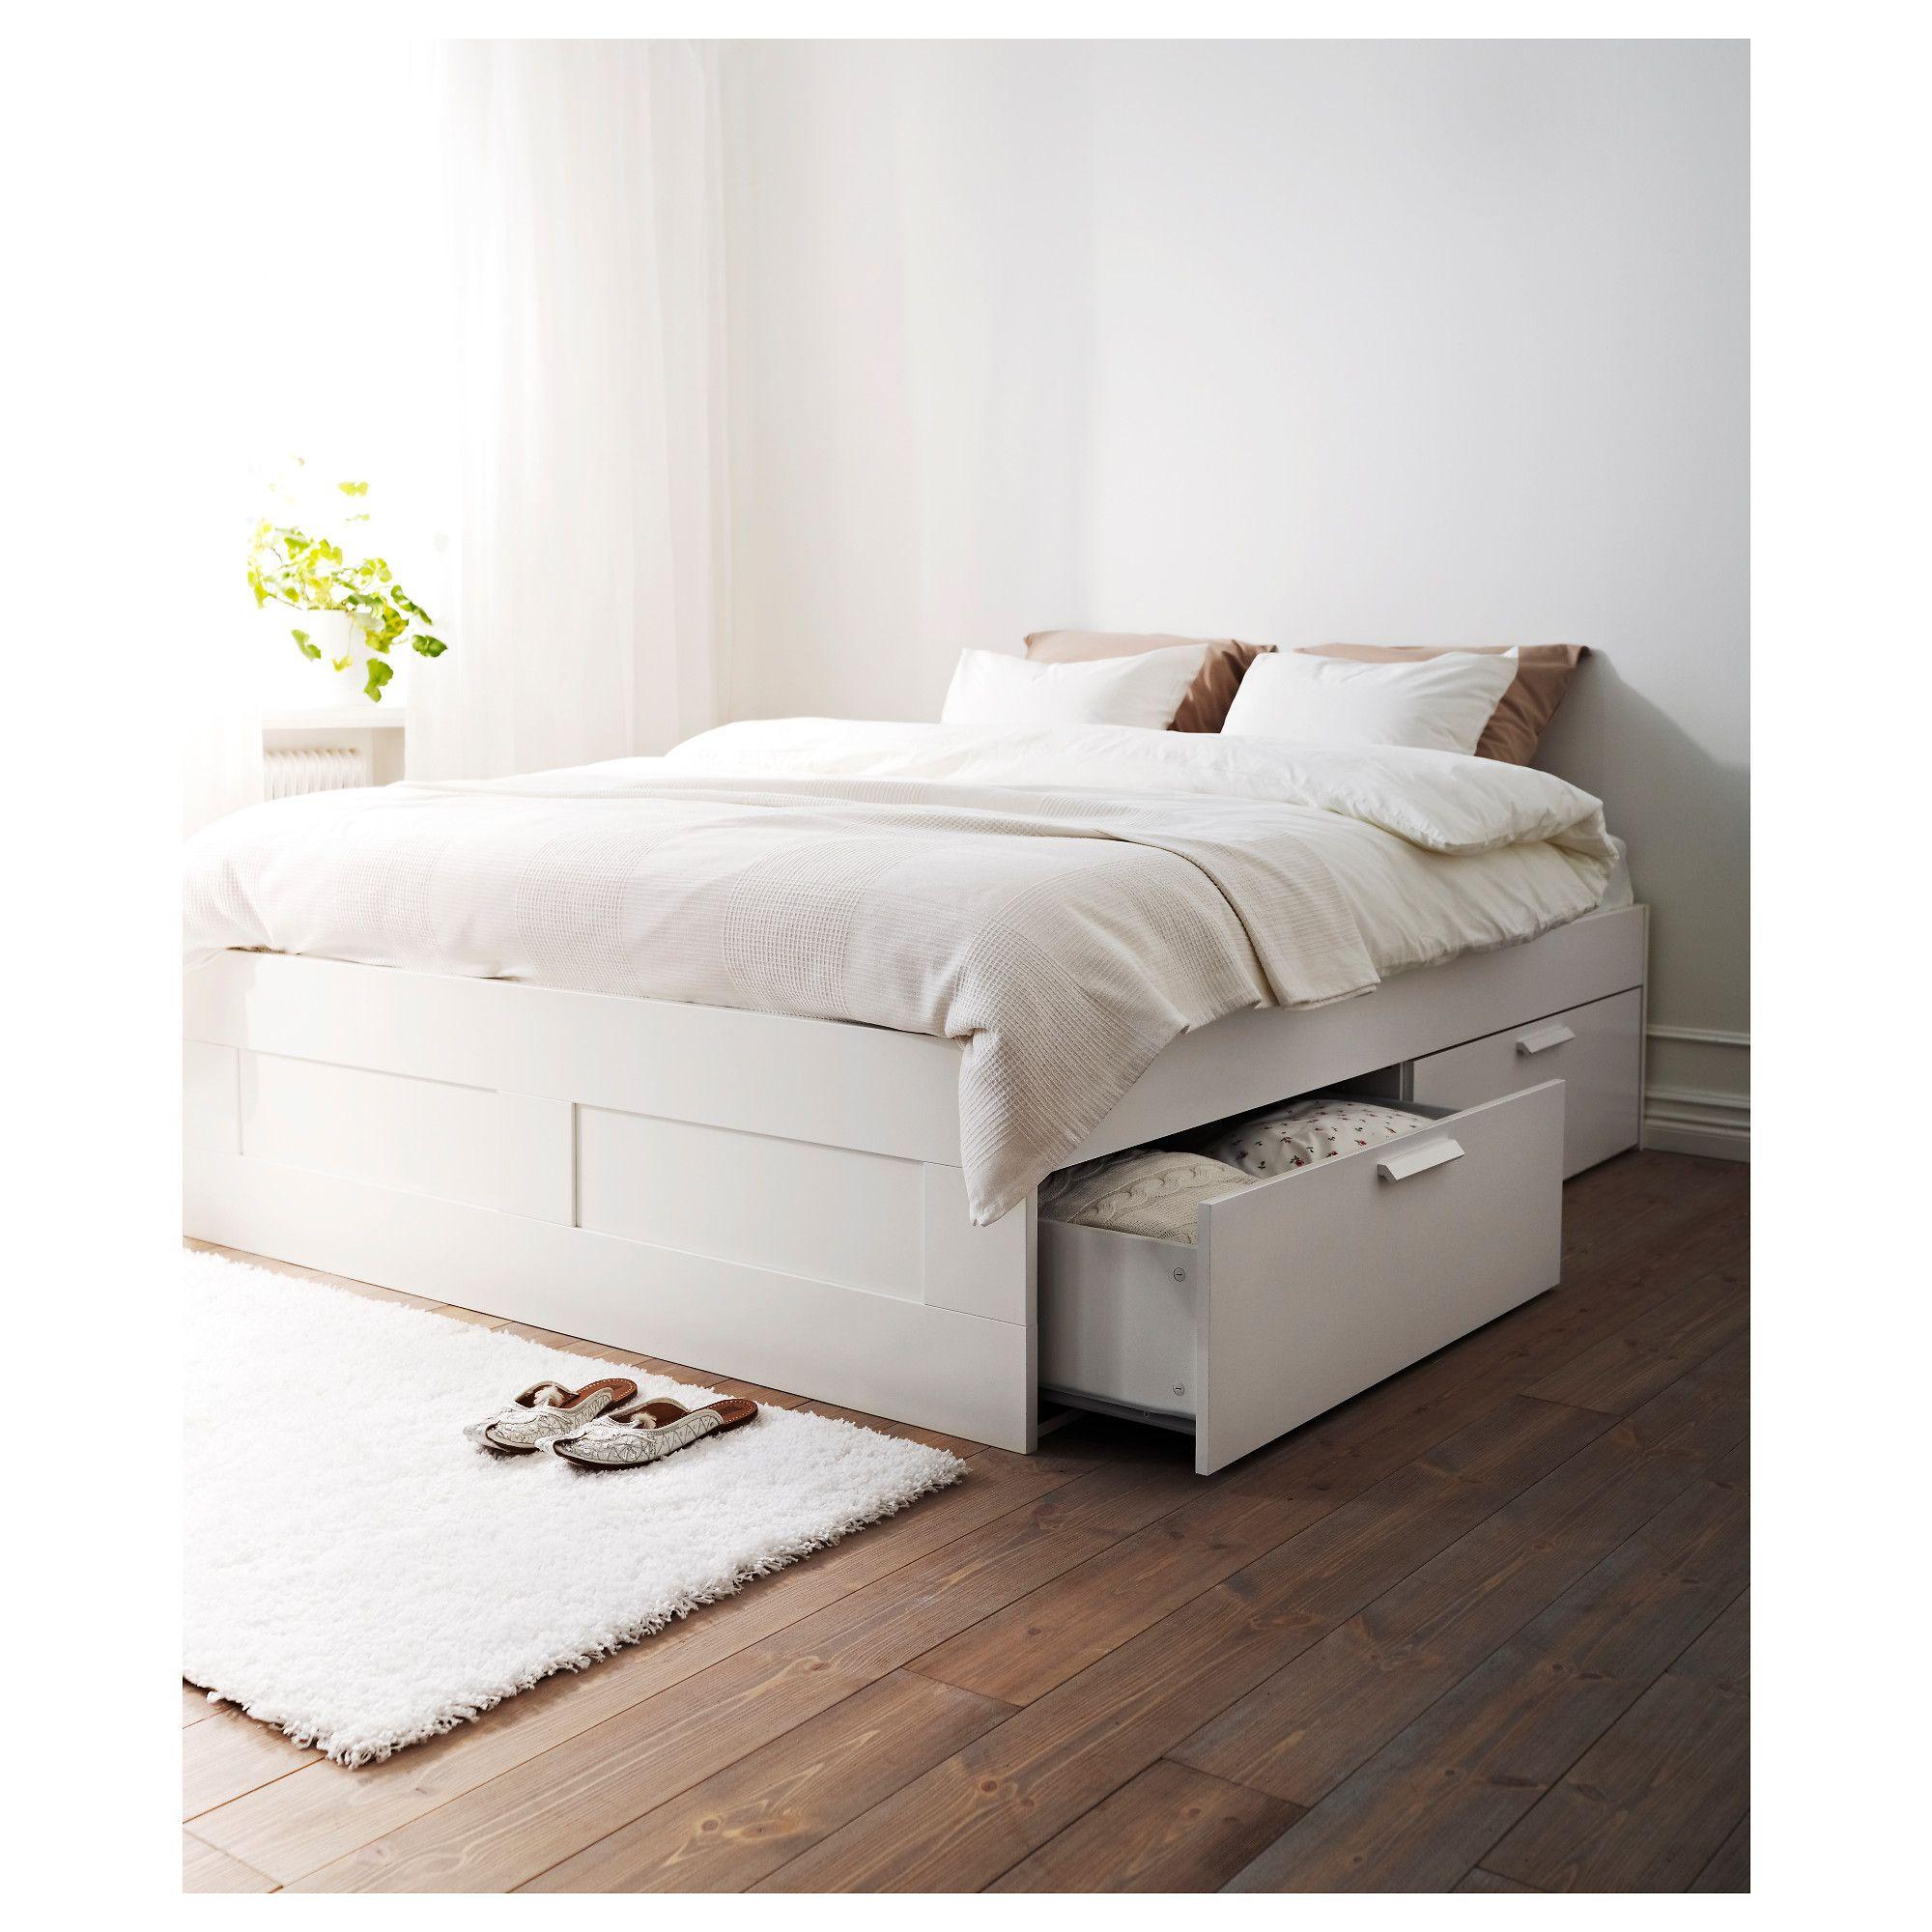 Brimnes Cadre Lit Avec Rangement Blanc Idées Aménagement